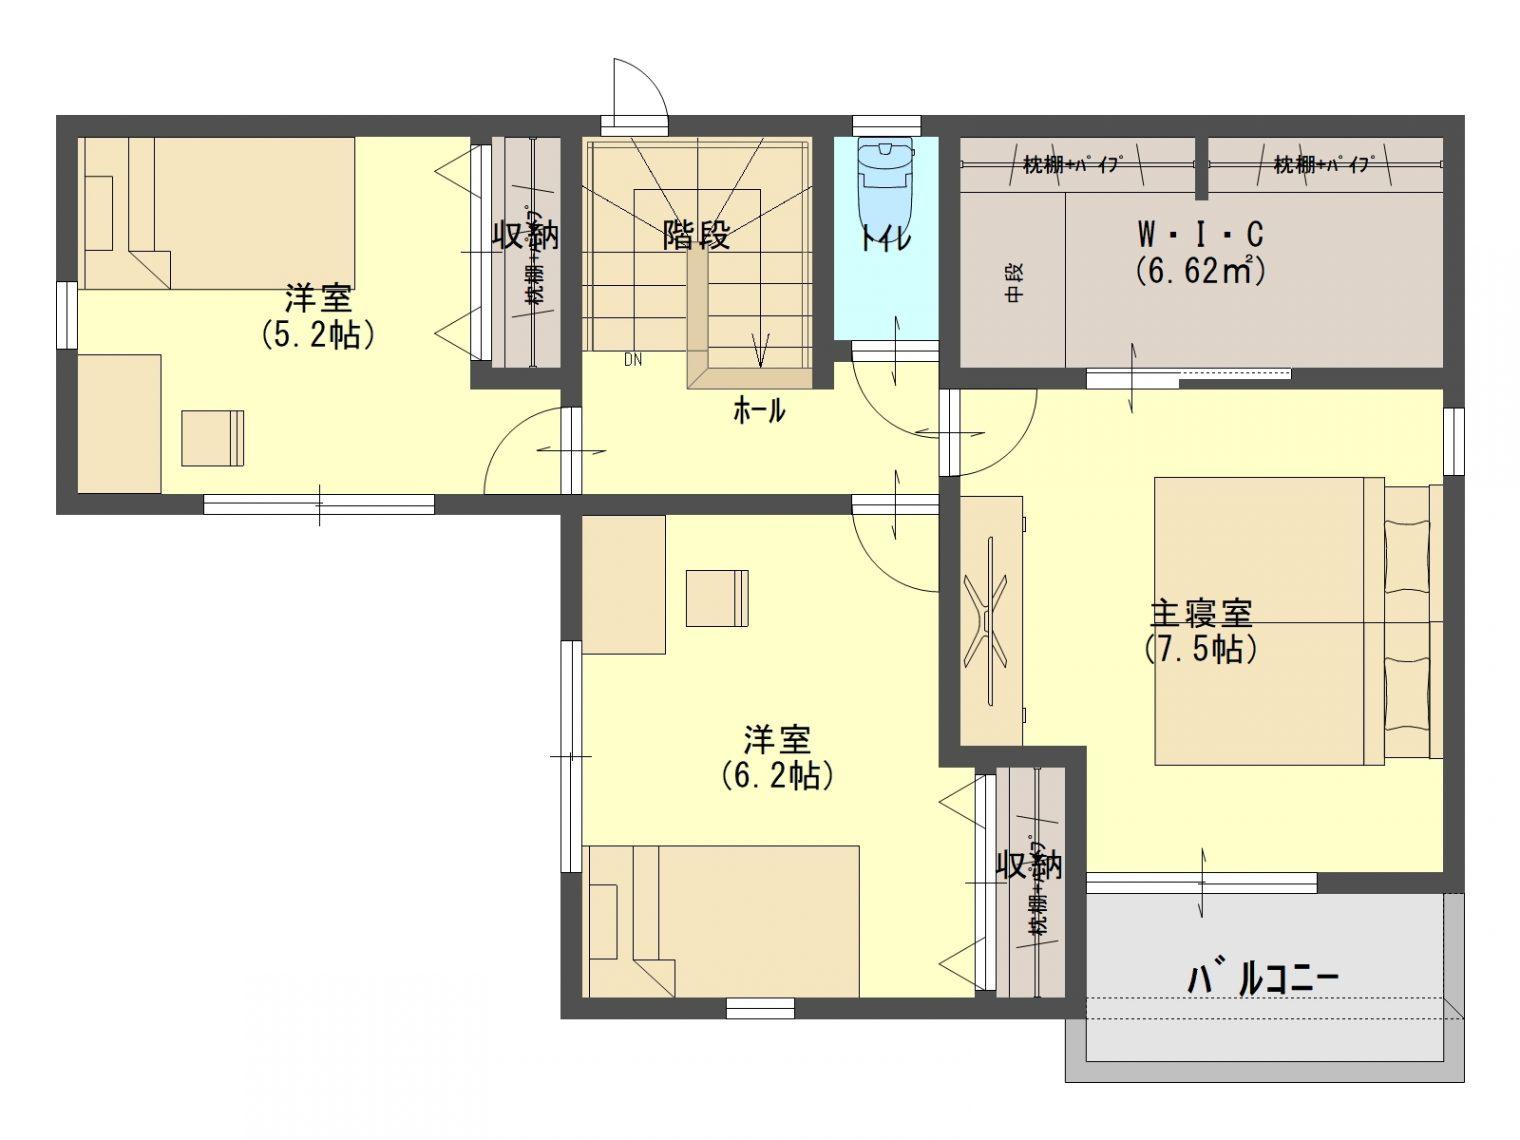 シンプルハウス王子町A【販売中】13